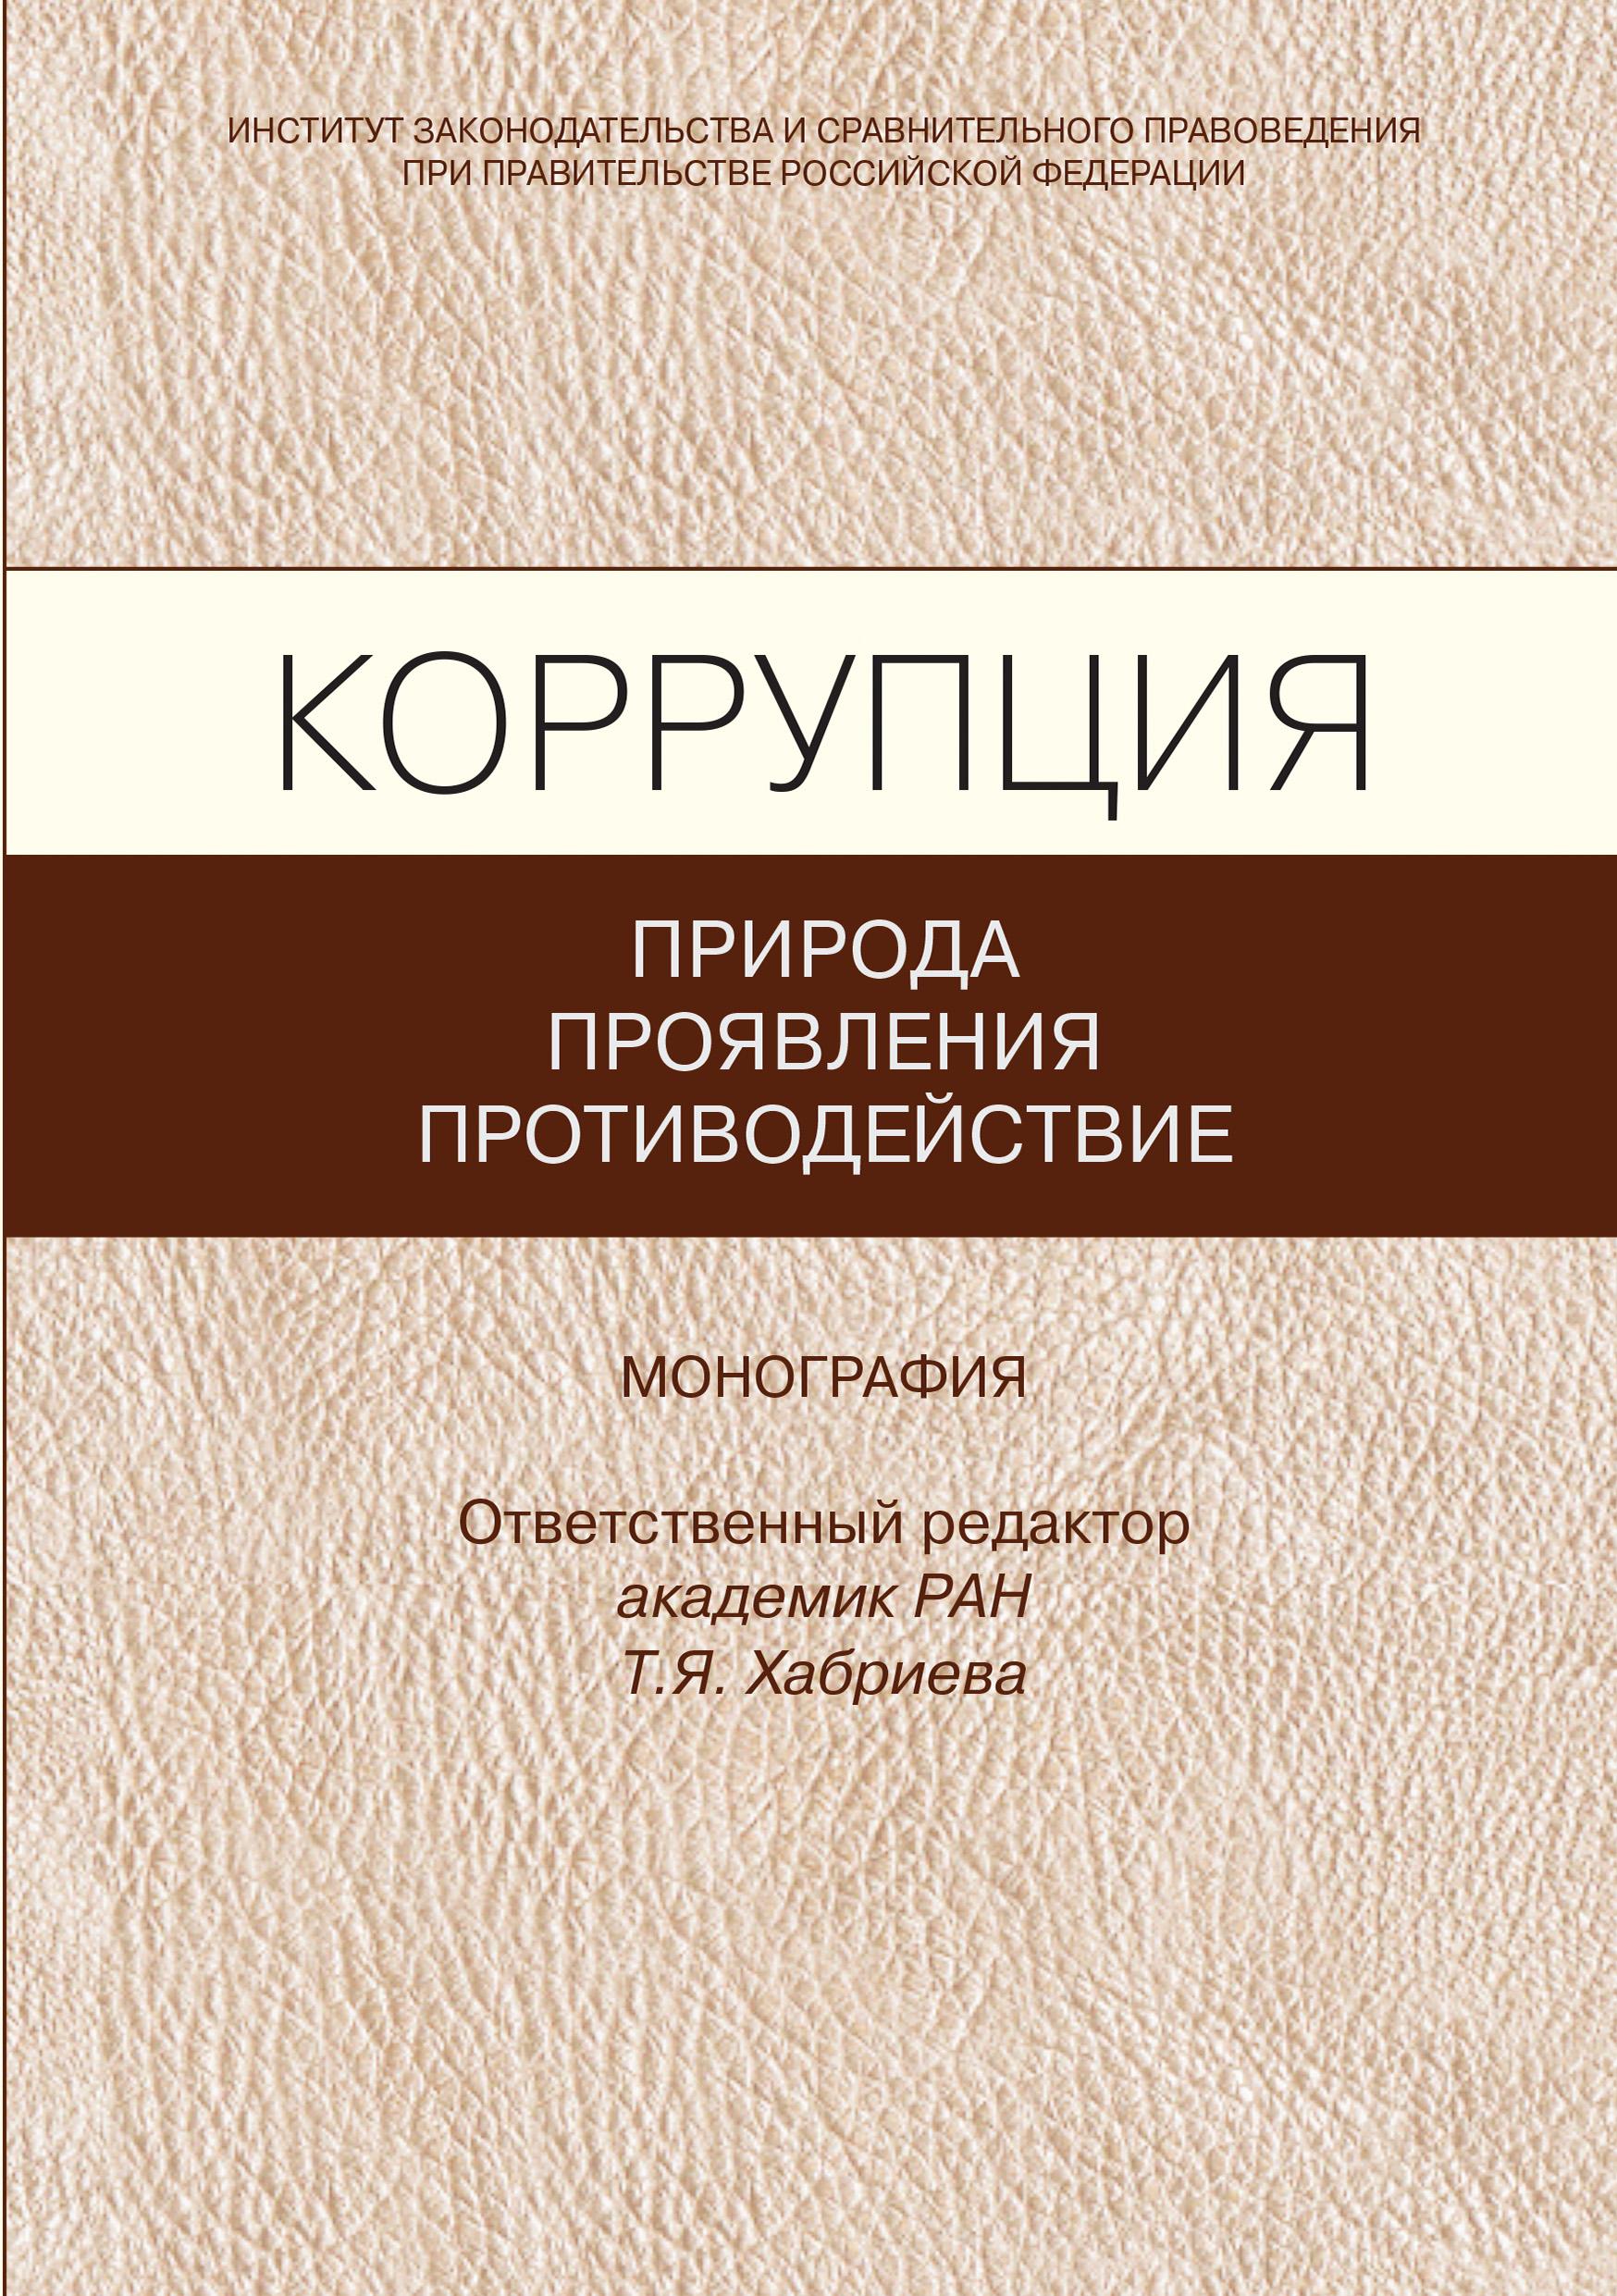 Коллектив авторов Коррупция: природа, проявления, противодействие